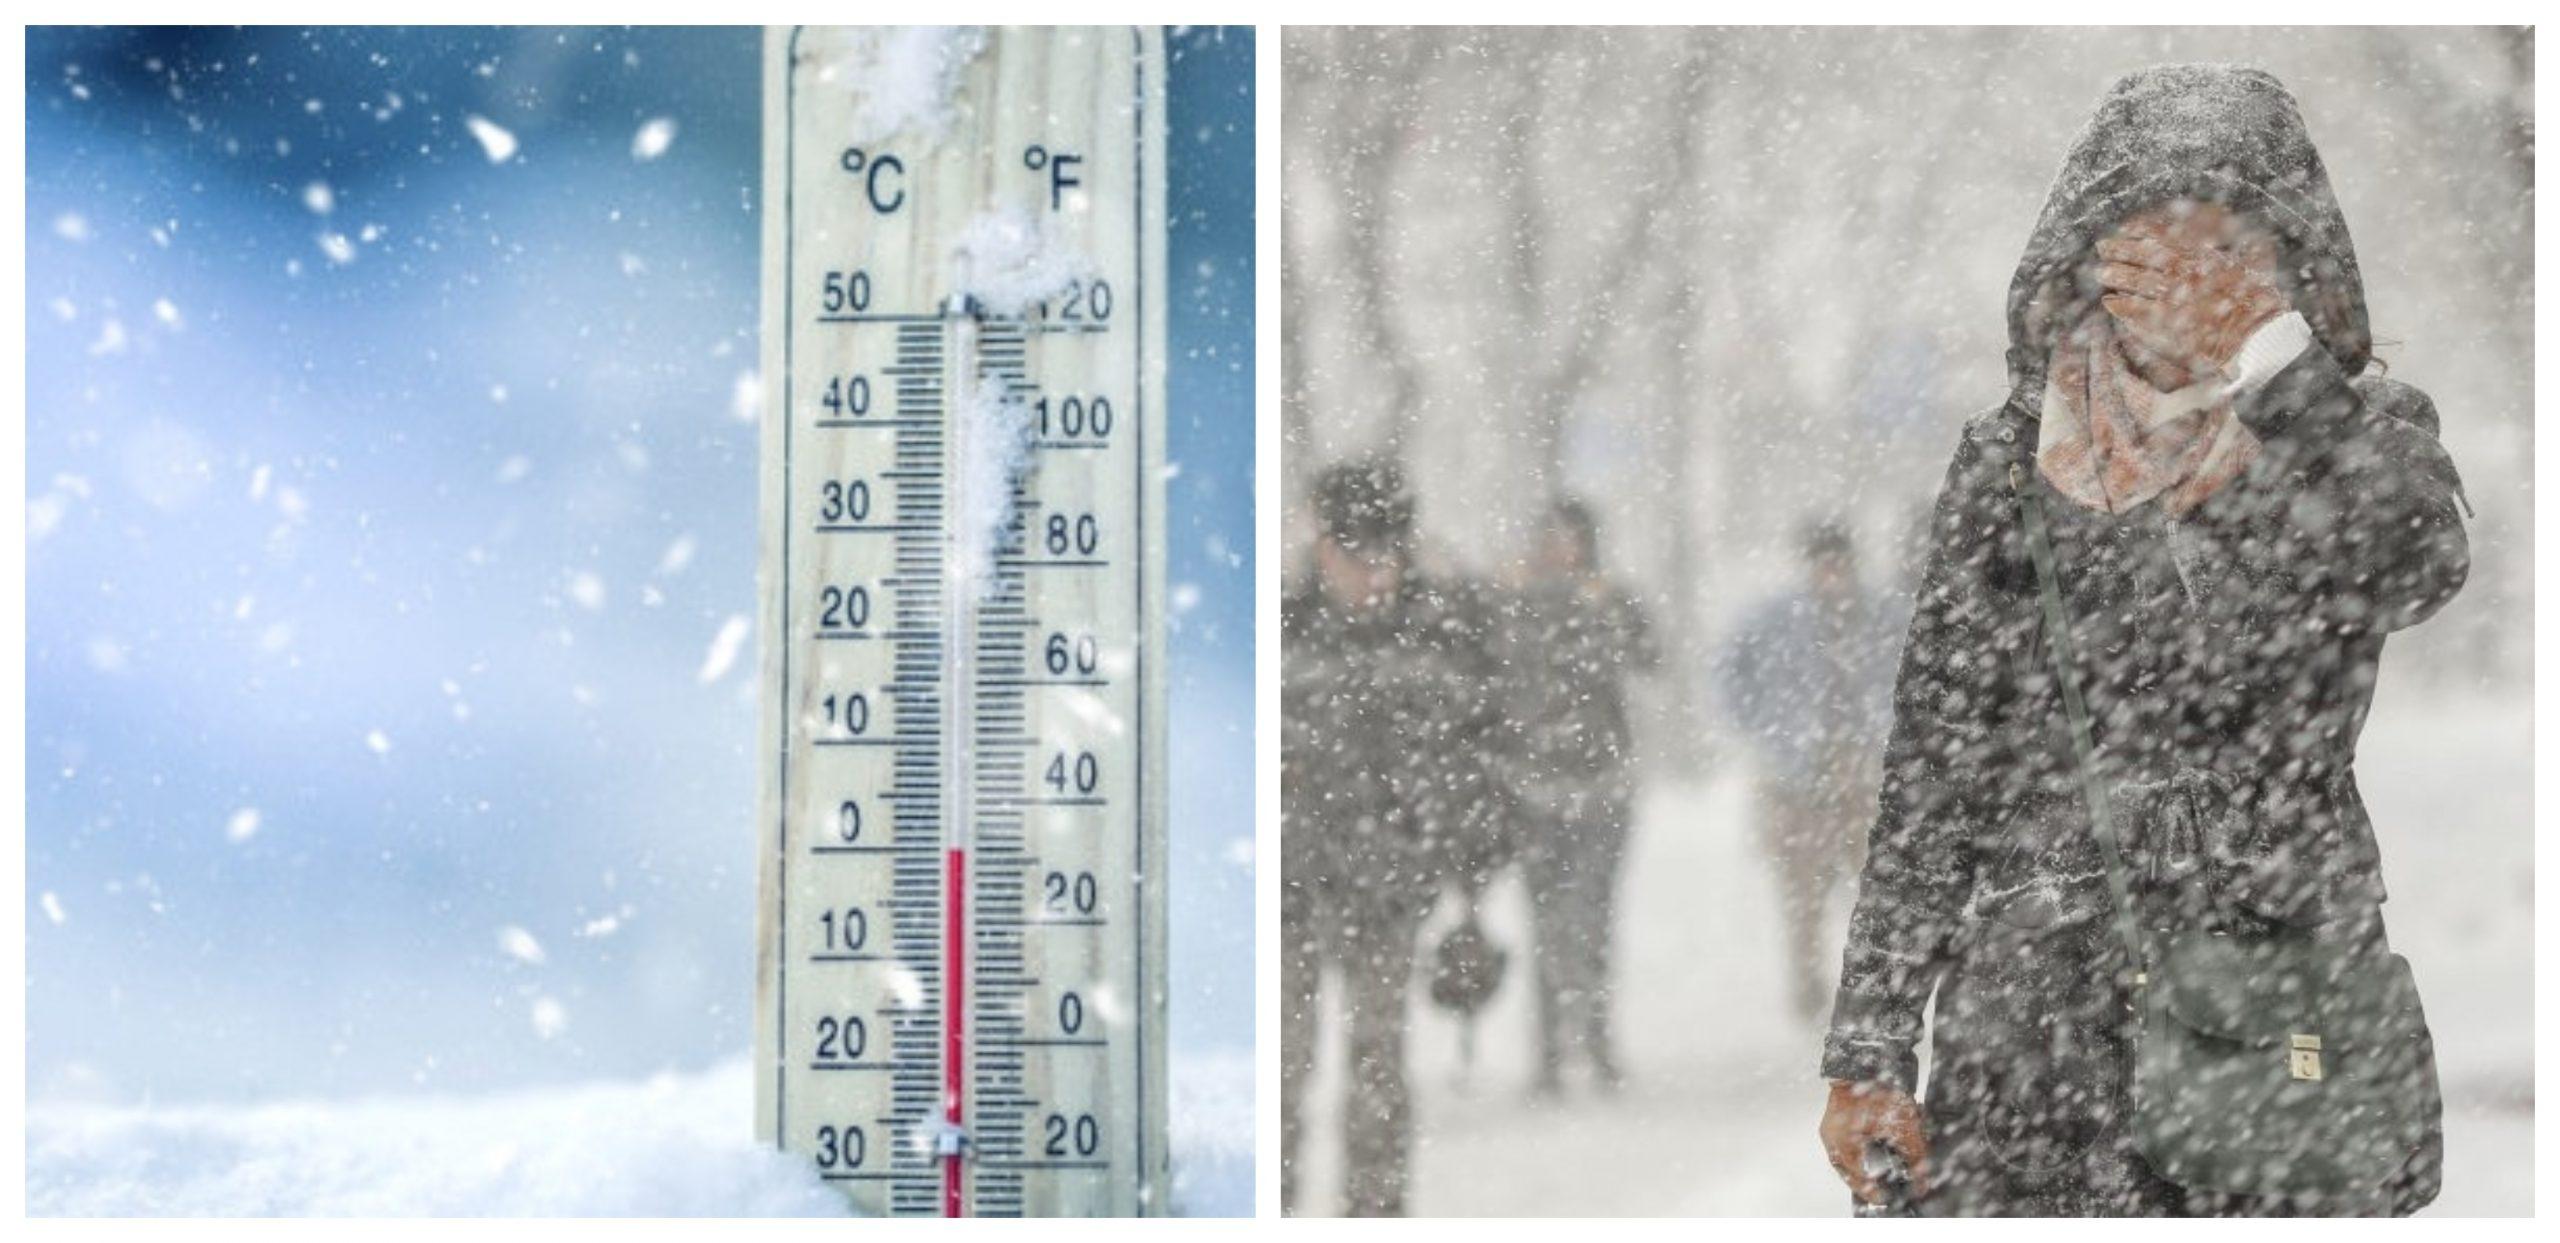 Meteorologii avertizează! Vom avea cea mai grea iarnă din istorie. Când vine prima ninsoare